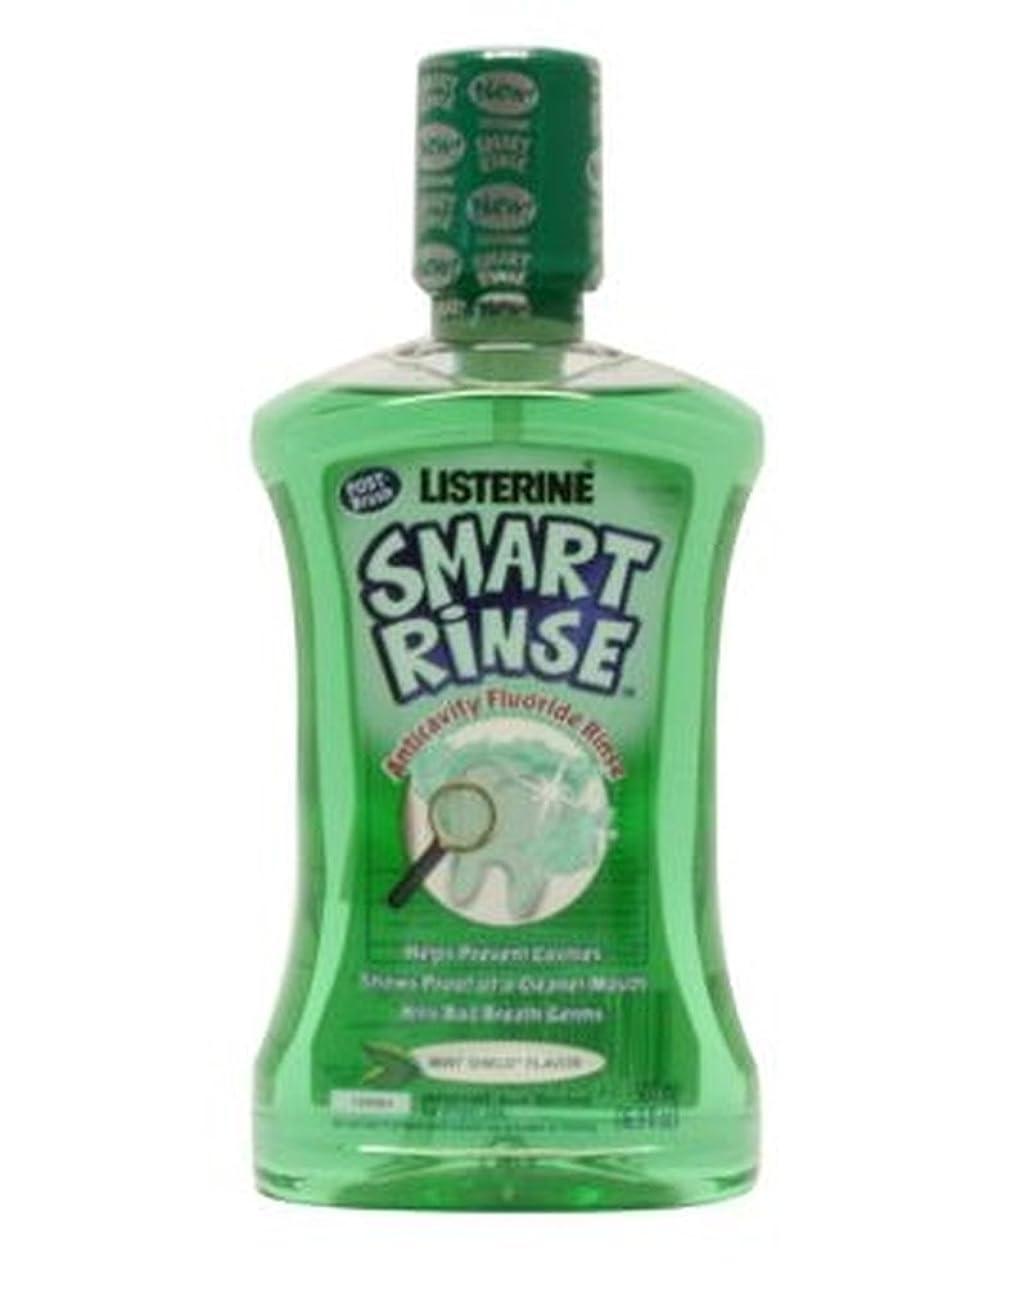 オーバーフロー武装解除放棄する子供のためのリステリンスマートリンスミント洗口液500ミリリットル (Listerine) (x2) - Listerine Smart Rinse Mint Mouthwash For Children 500ml (Pack of 2) [並行輸入品]